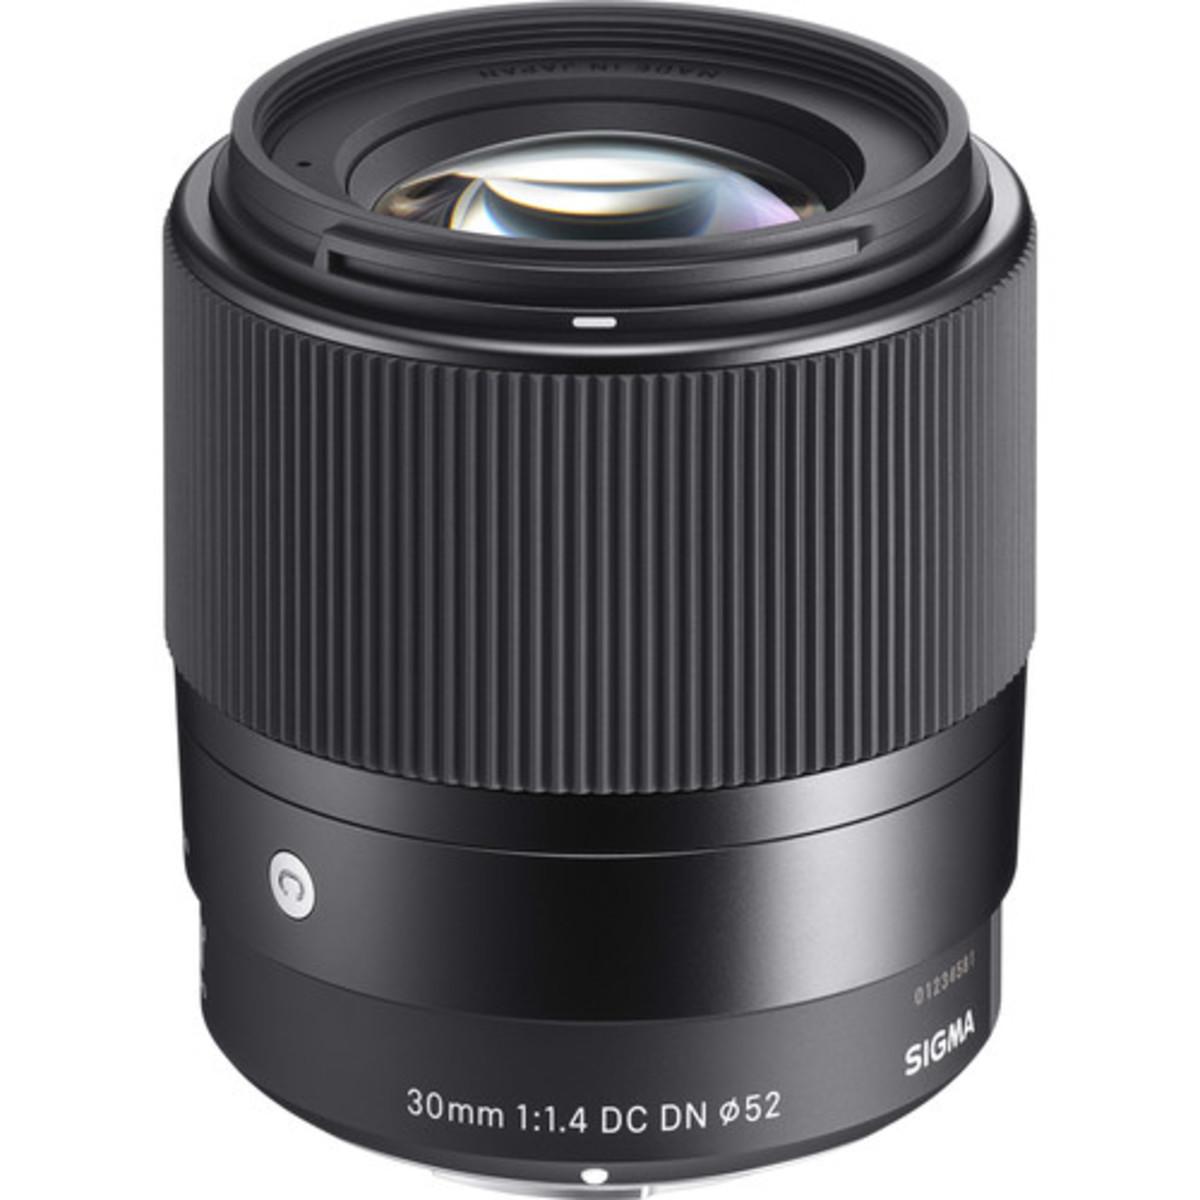 Sigma 30mm f/1.4 DC DN Contemporary Lens - [For Sony E]